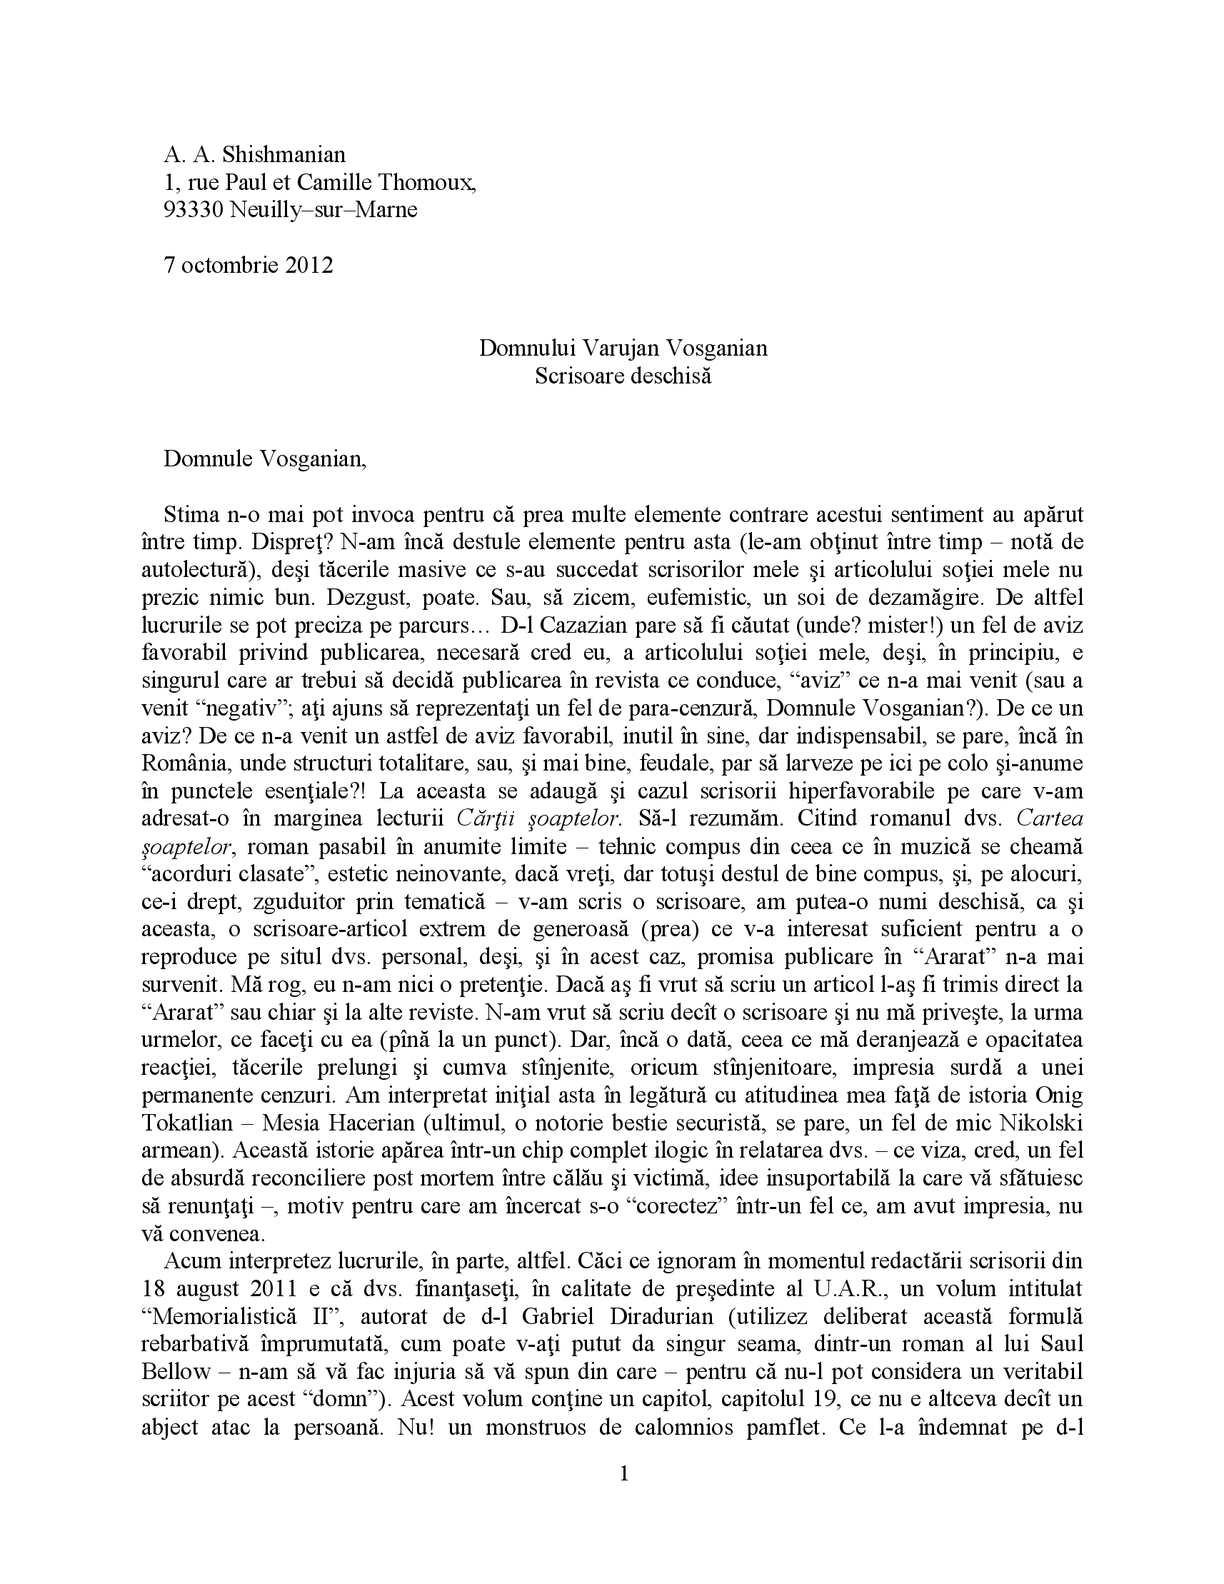 Poșta de scrisori internă | Posta Moldovei